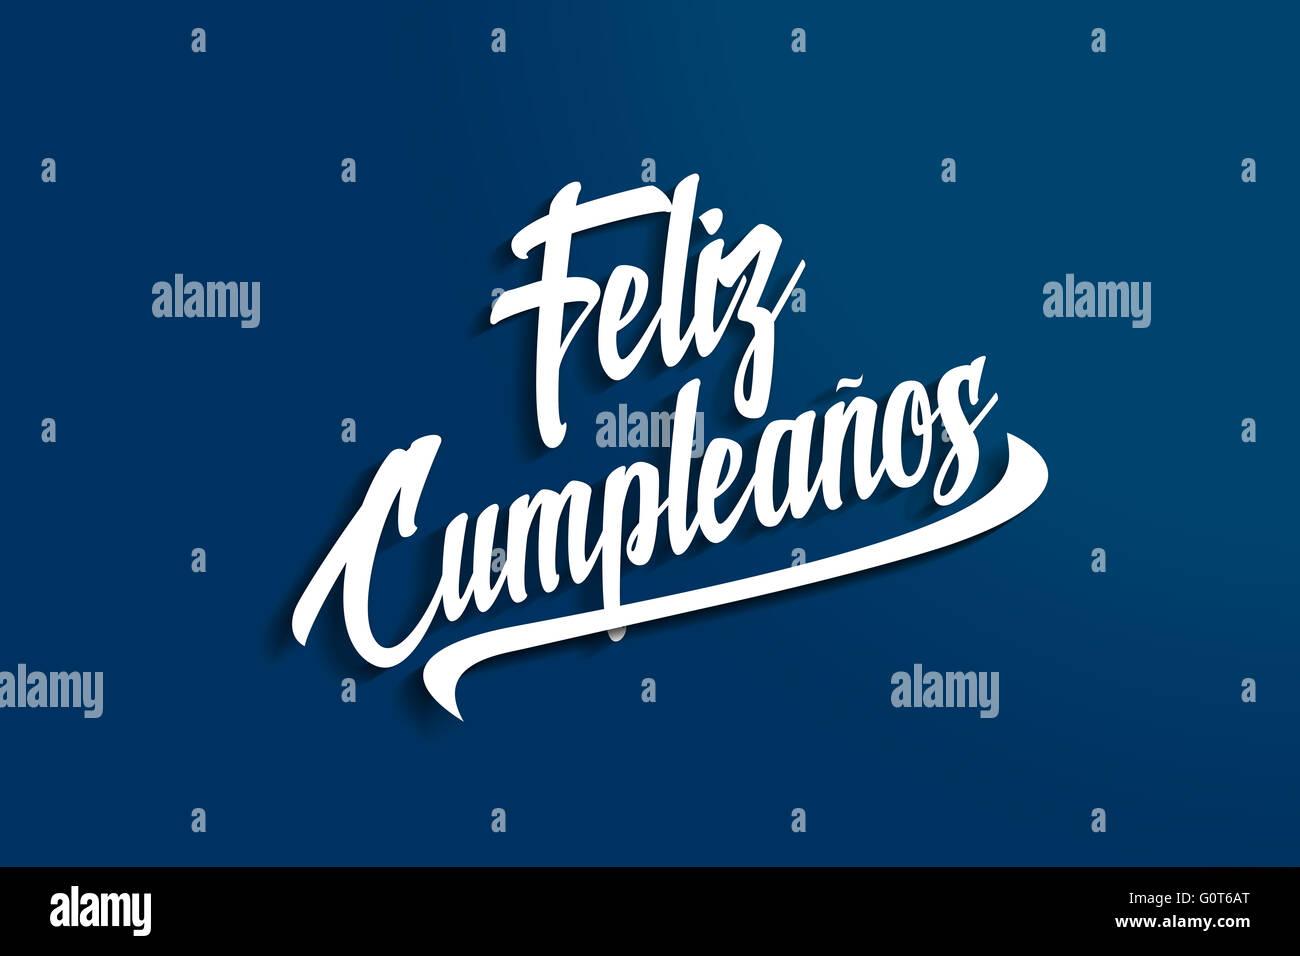 Feliz Cumpleanos - Feliz Cumpleaños en español - Aniversario Postal de felicitación - Ilustración Imagen De Stock